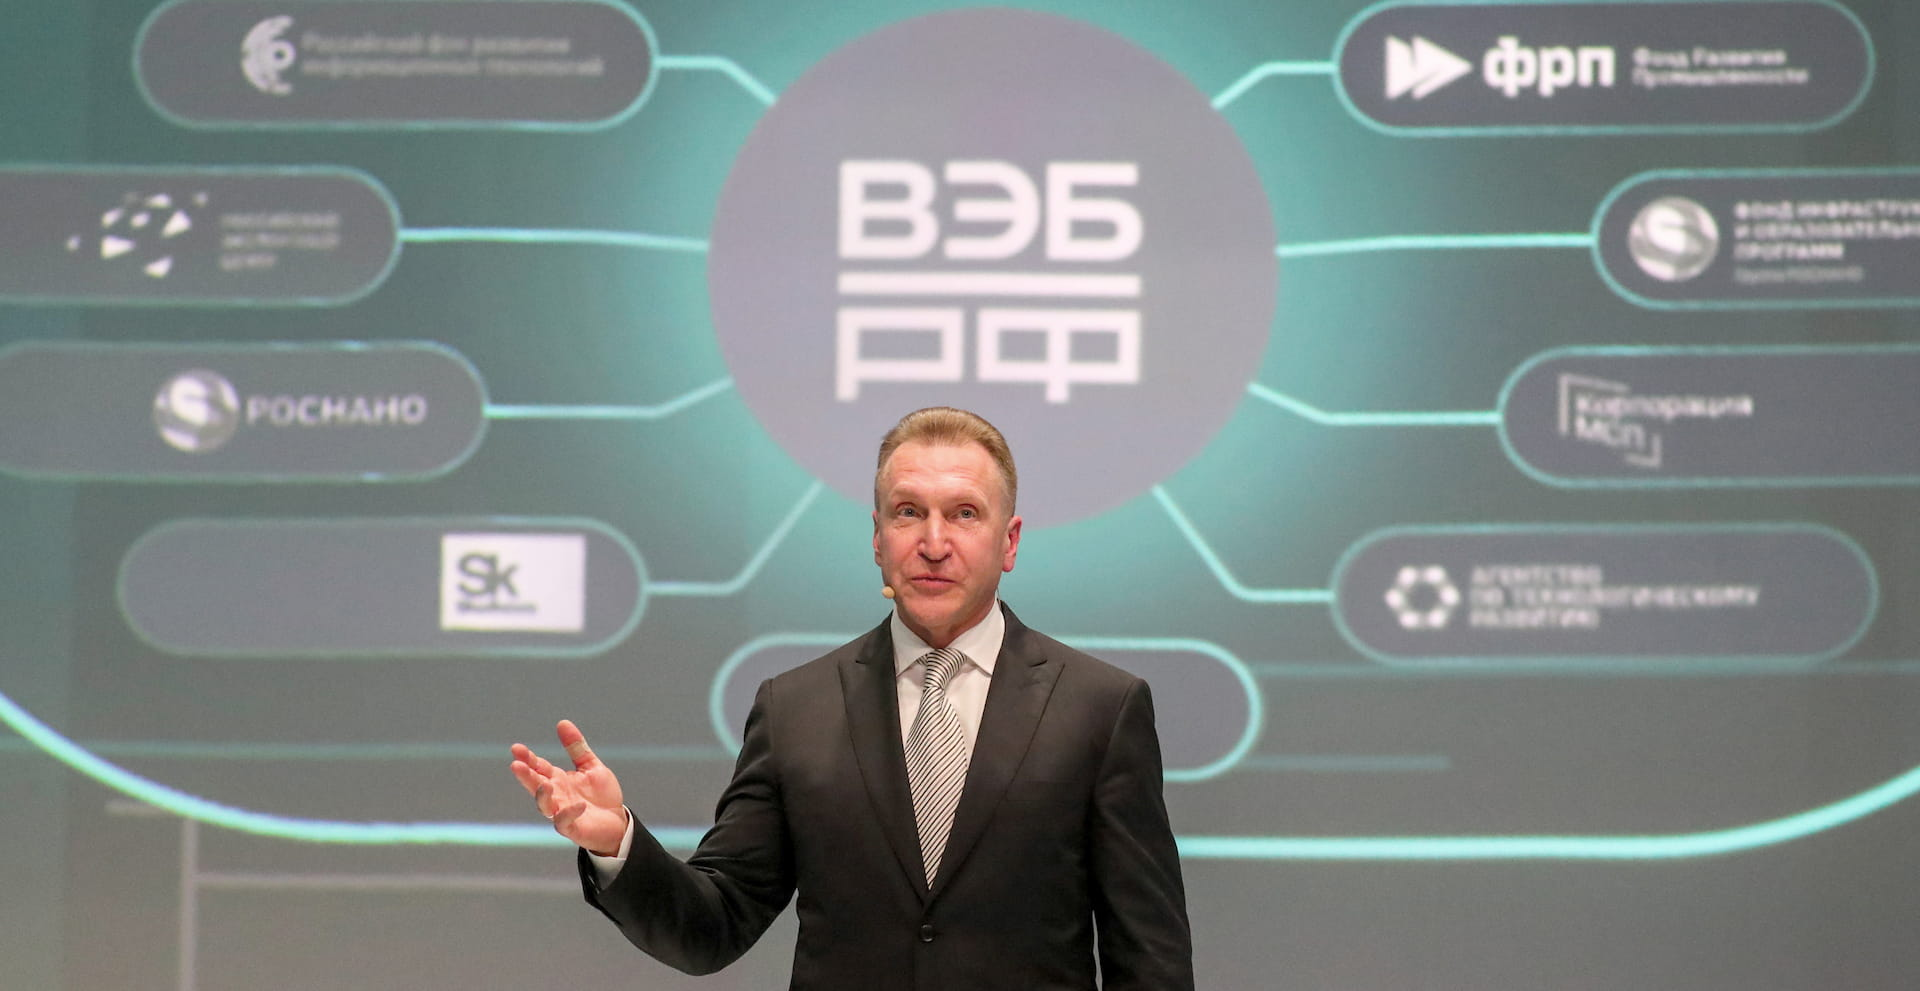 Сбер и ВЭБ.РФ подписали соглашение о сотрудничестве в сфере ESG